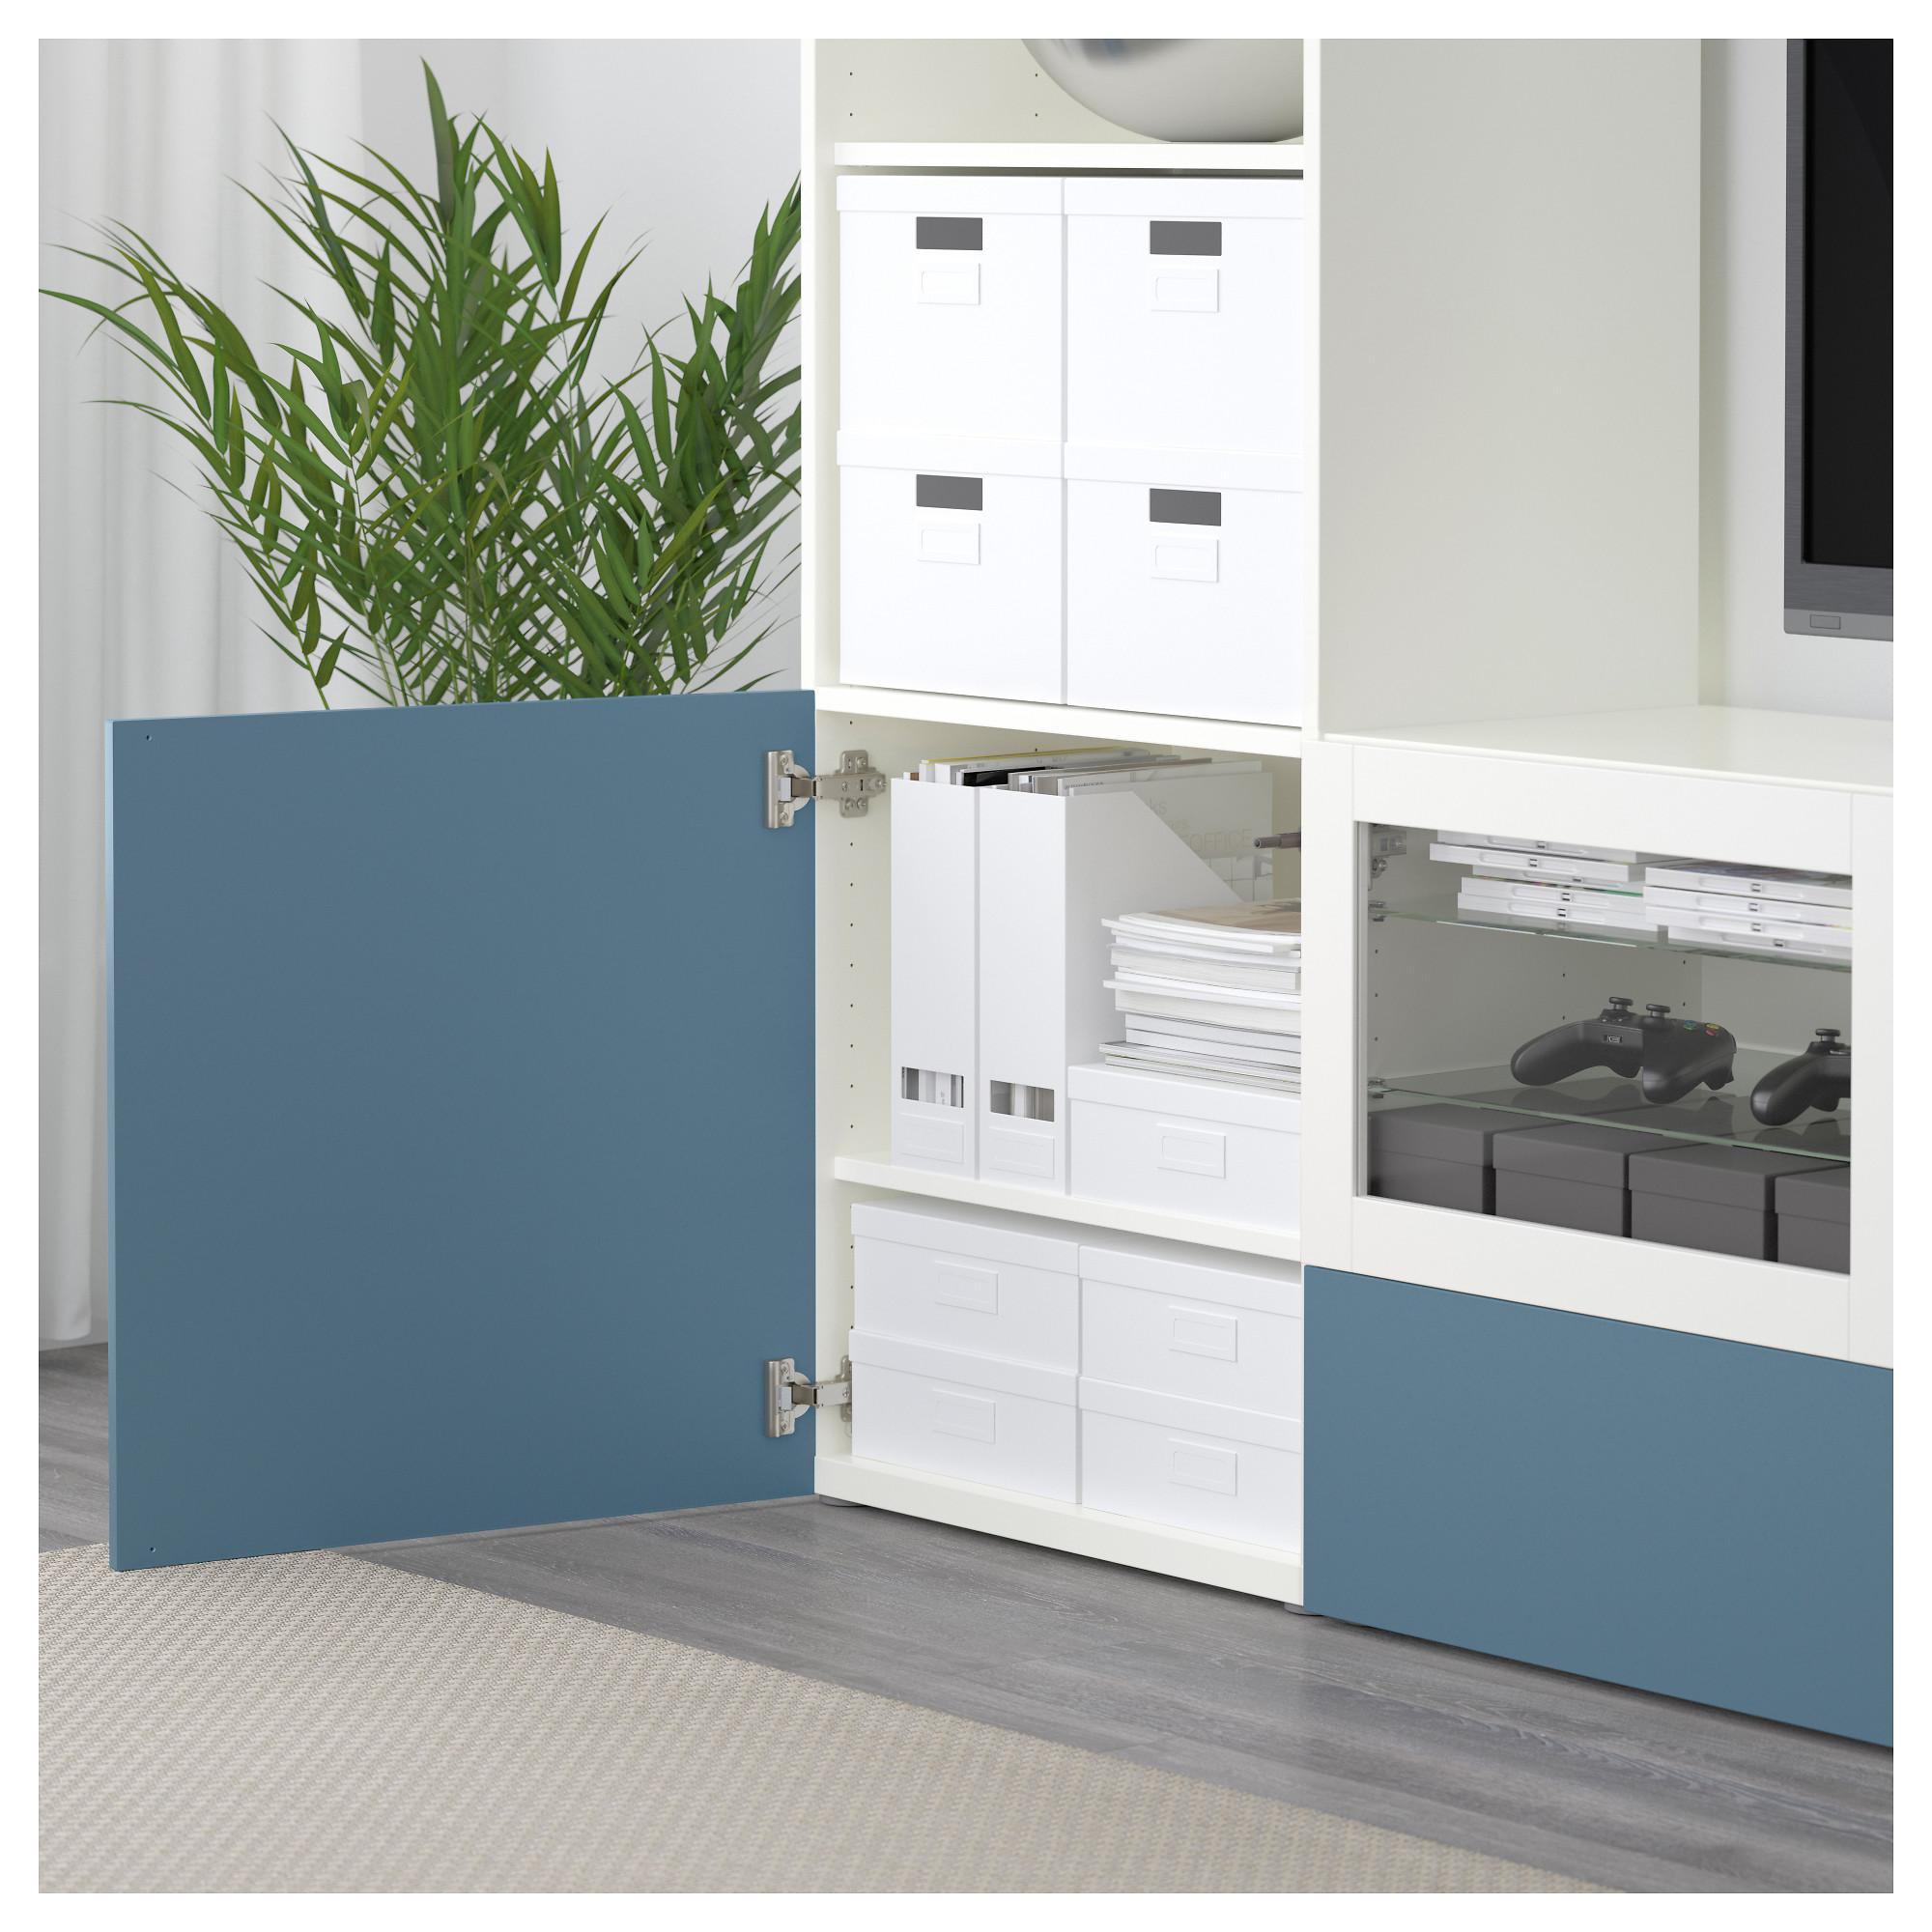 Шкаф для ТВ, комбинированный, стекляные дверцы БЕСТО артикуль № 492.501.44 в наличии. Онлайн магазин IKEA Минск. Быстрая доставка и соборка.